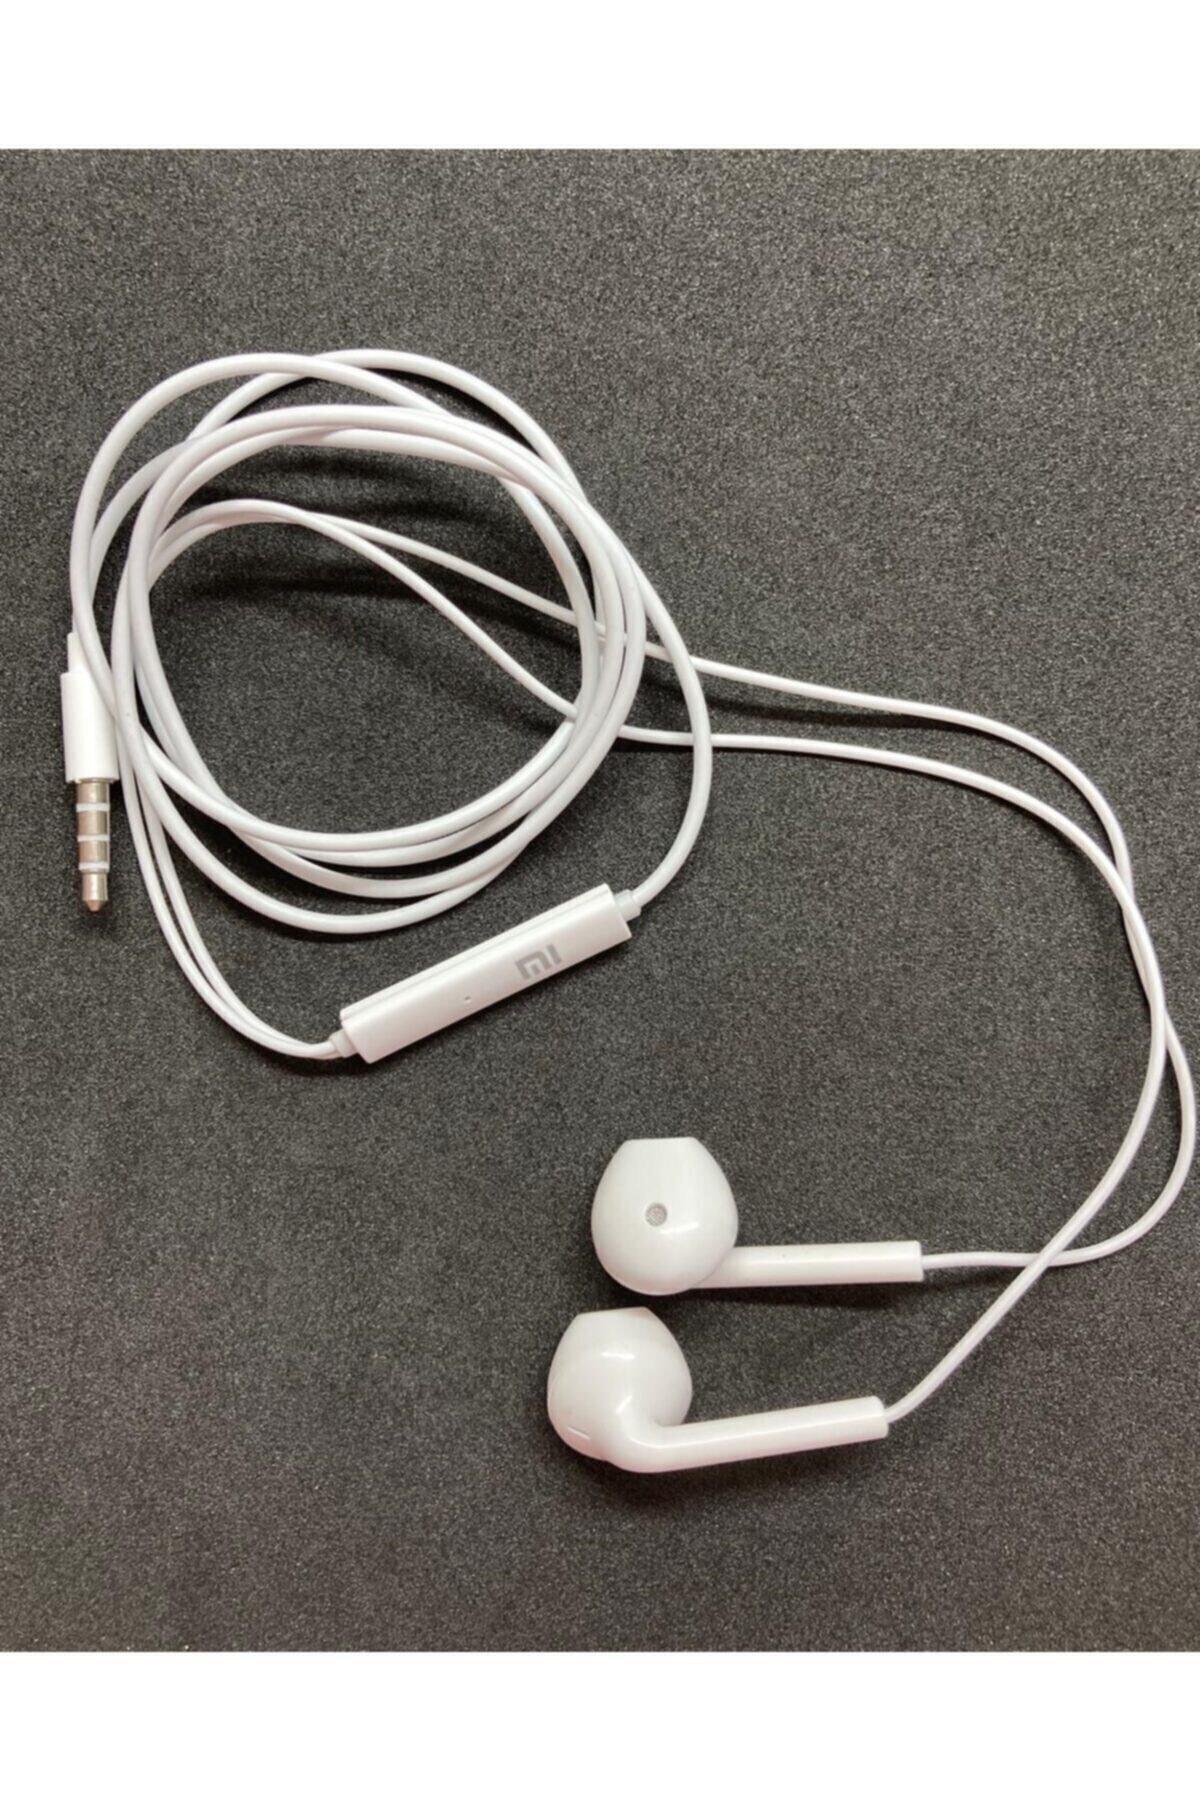 Xiaomi Kablolu Kulaklık